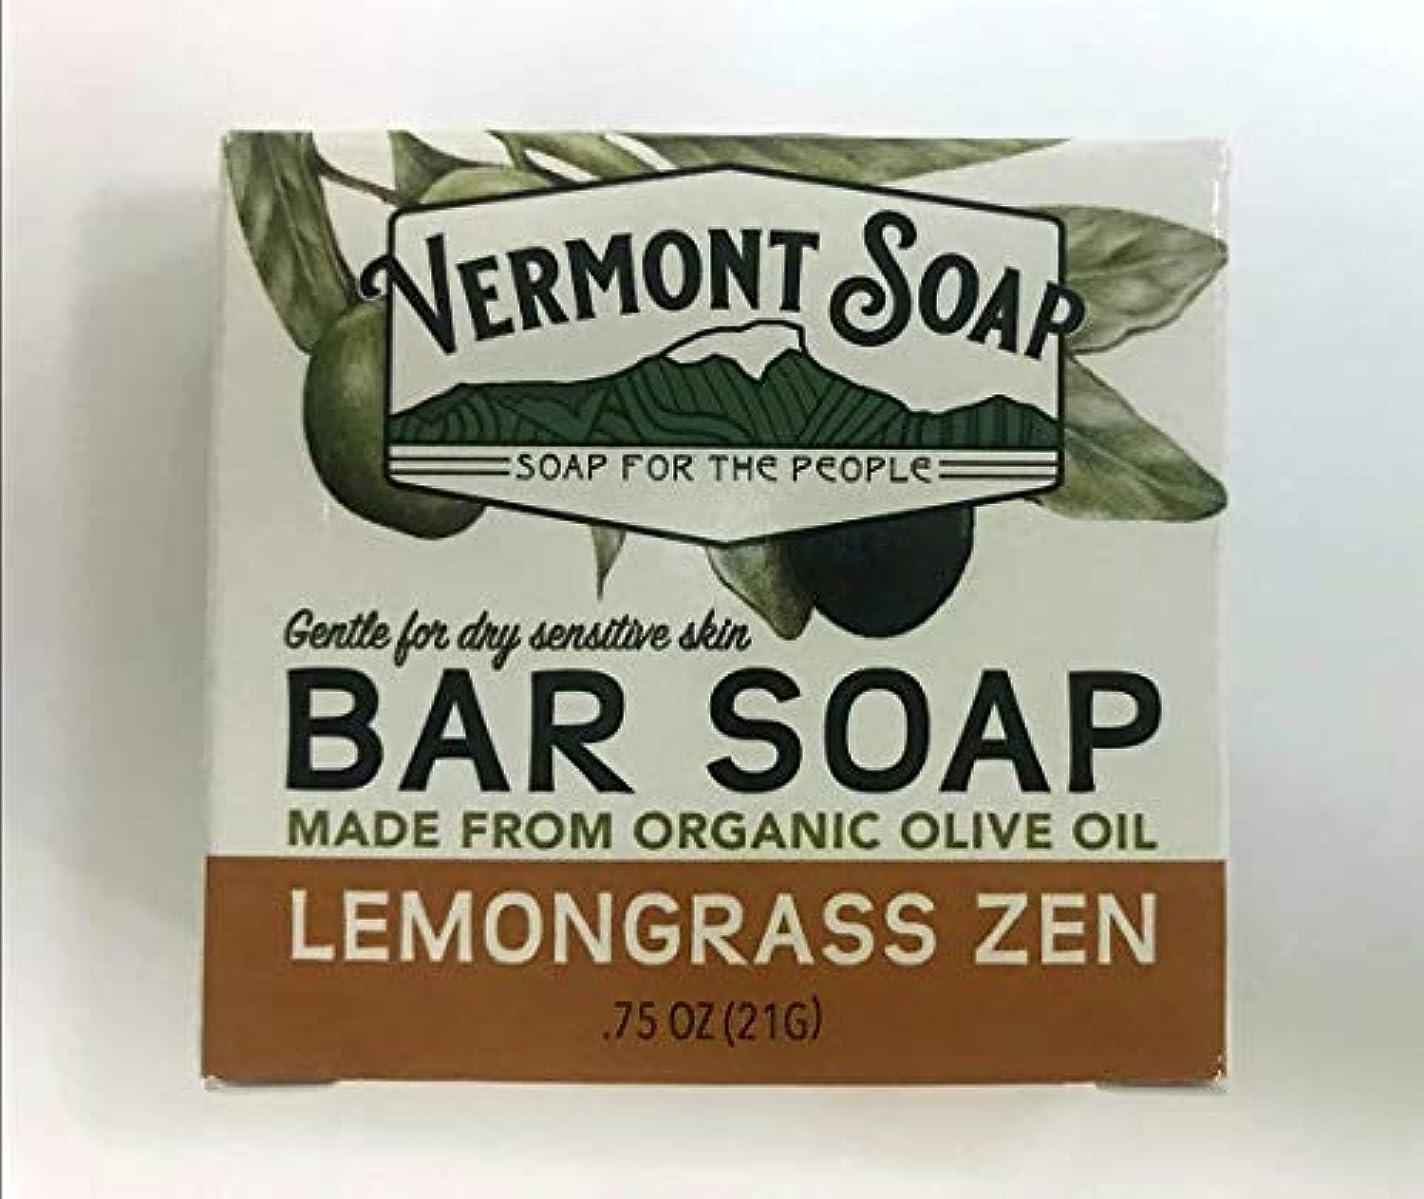 第四アカデミック裏切り者VermontSoap バーモントソープ トラベルサイズ 2種類 (レモングラス) 21g オーガニック石けん 洗顔 ボディー